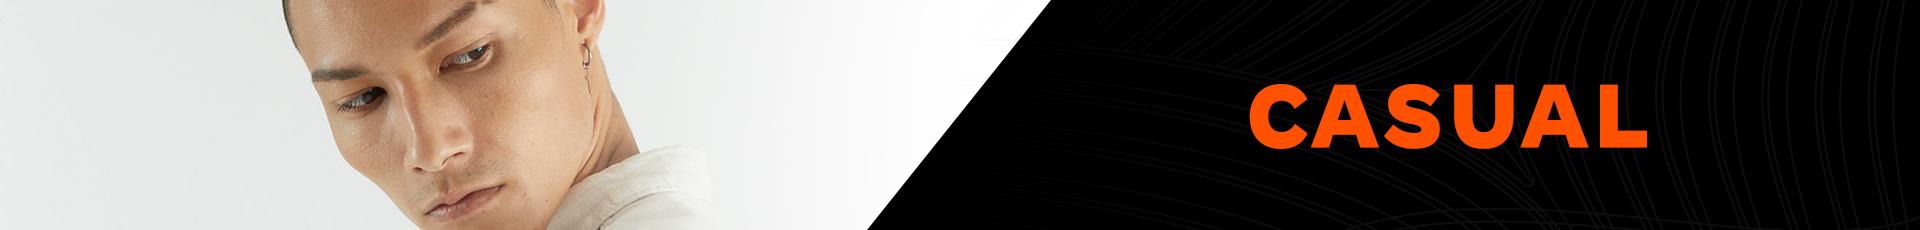 banner-desk-casual-uso